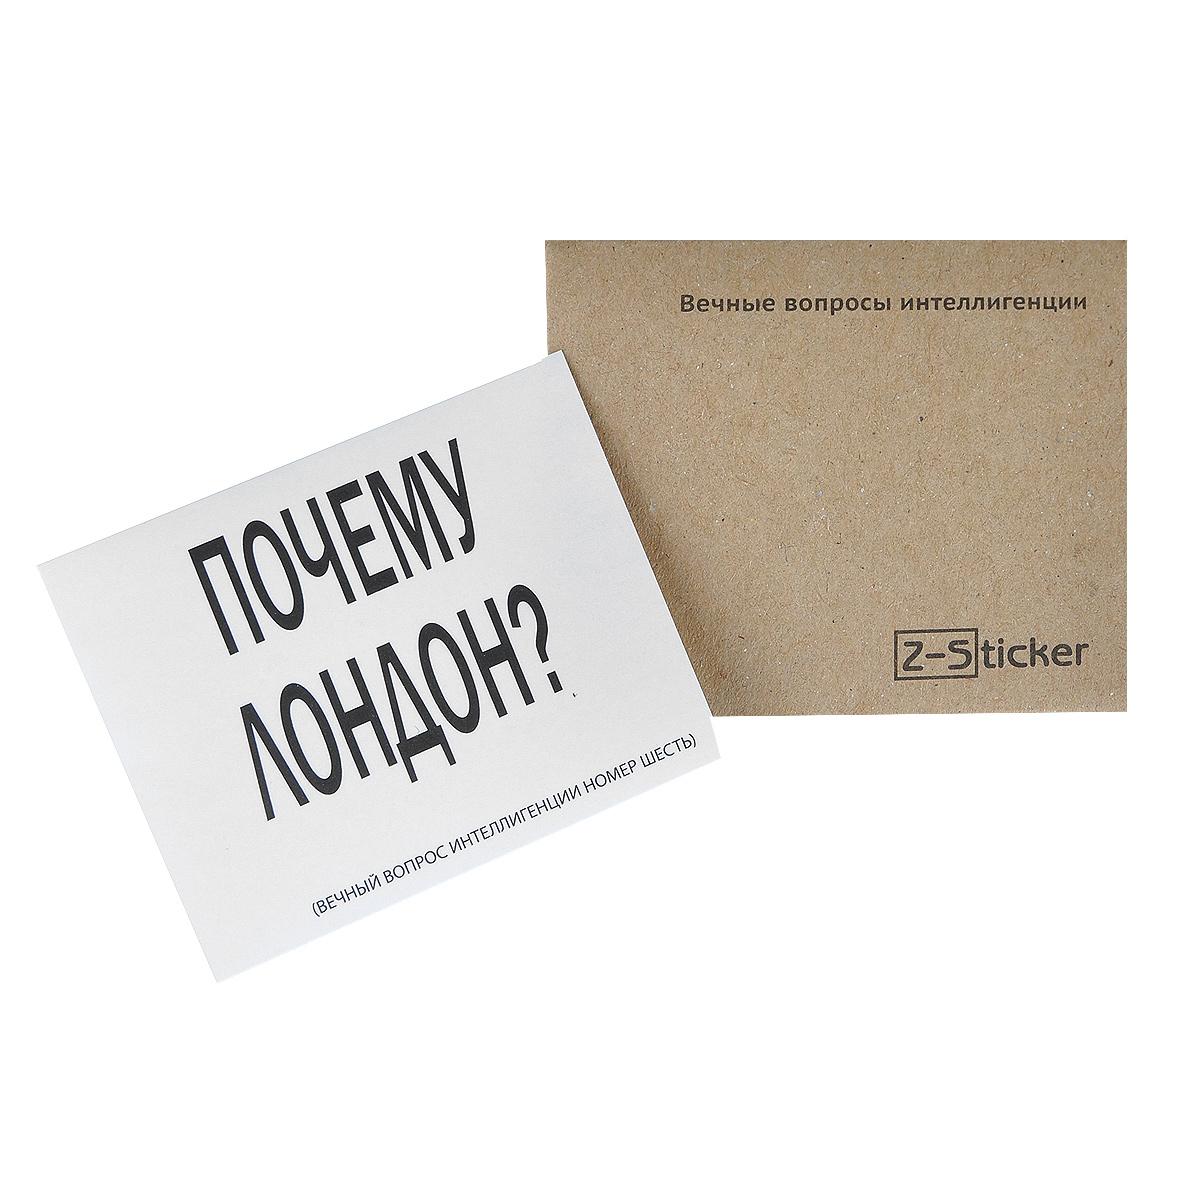 Вечные вопросы интеллигенции. Z-Sticker (набор из 7 наклеек)